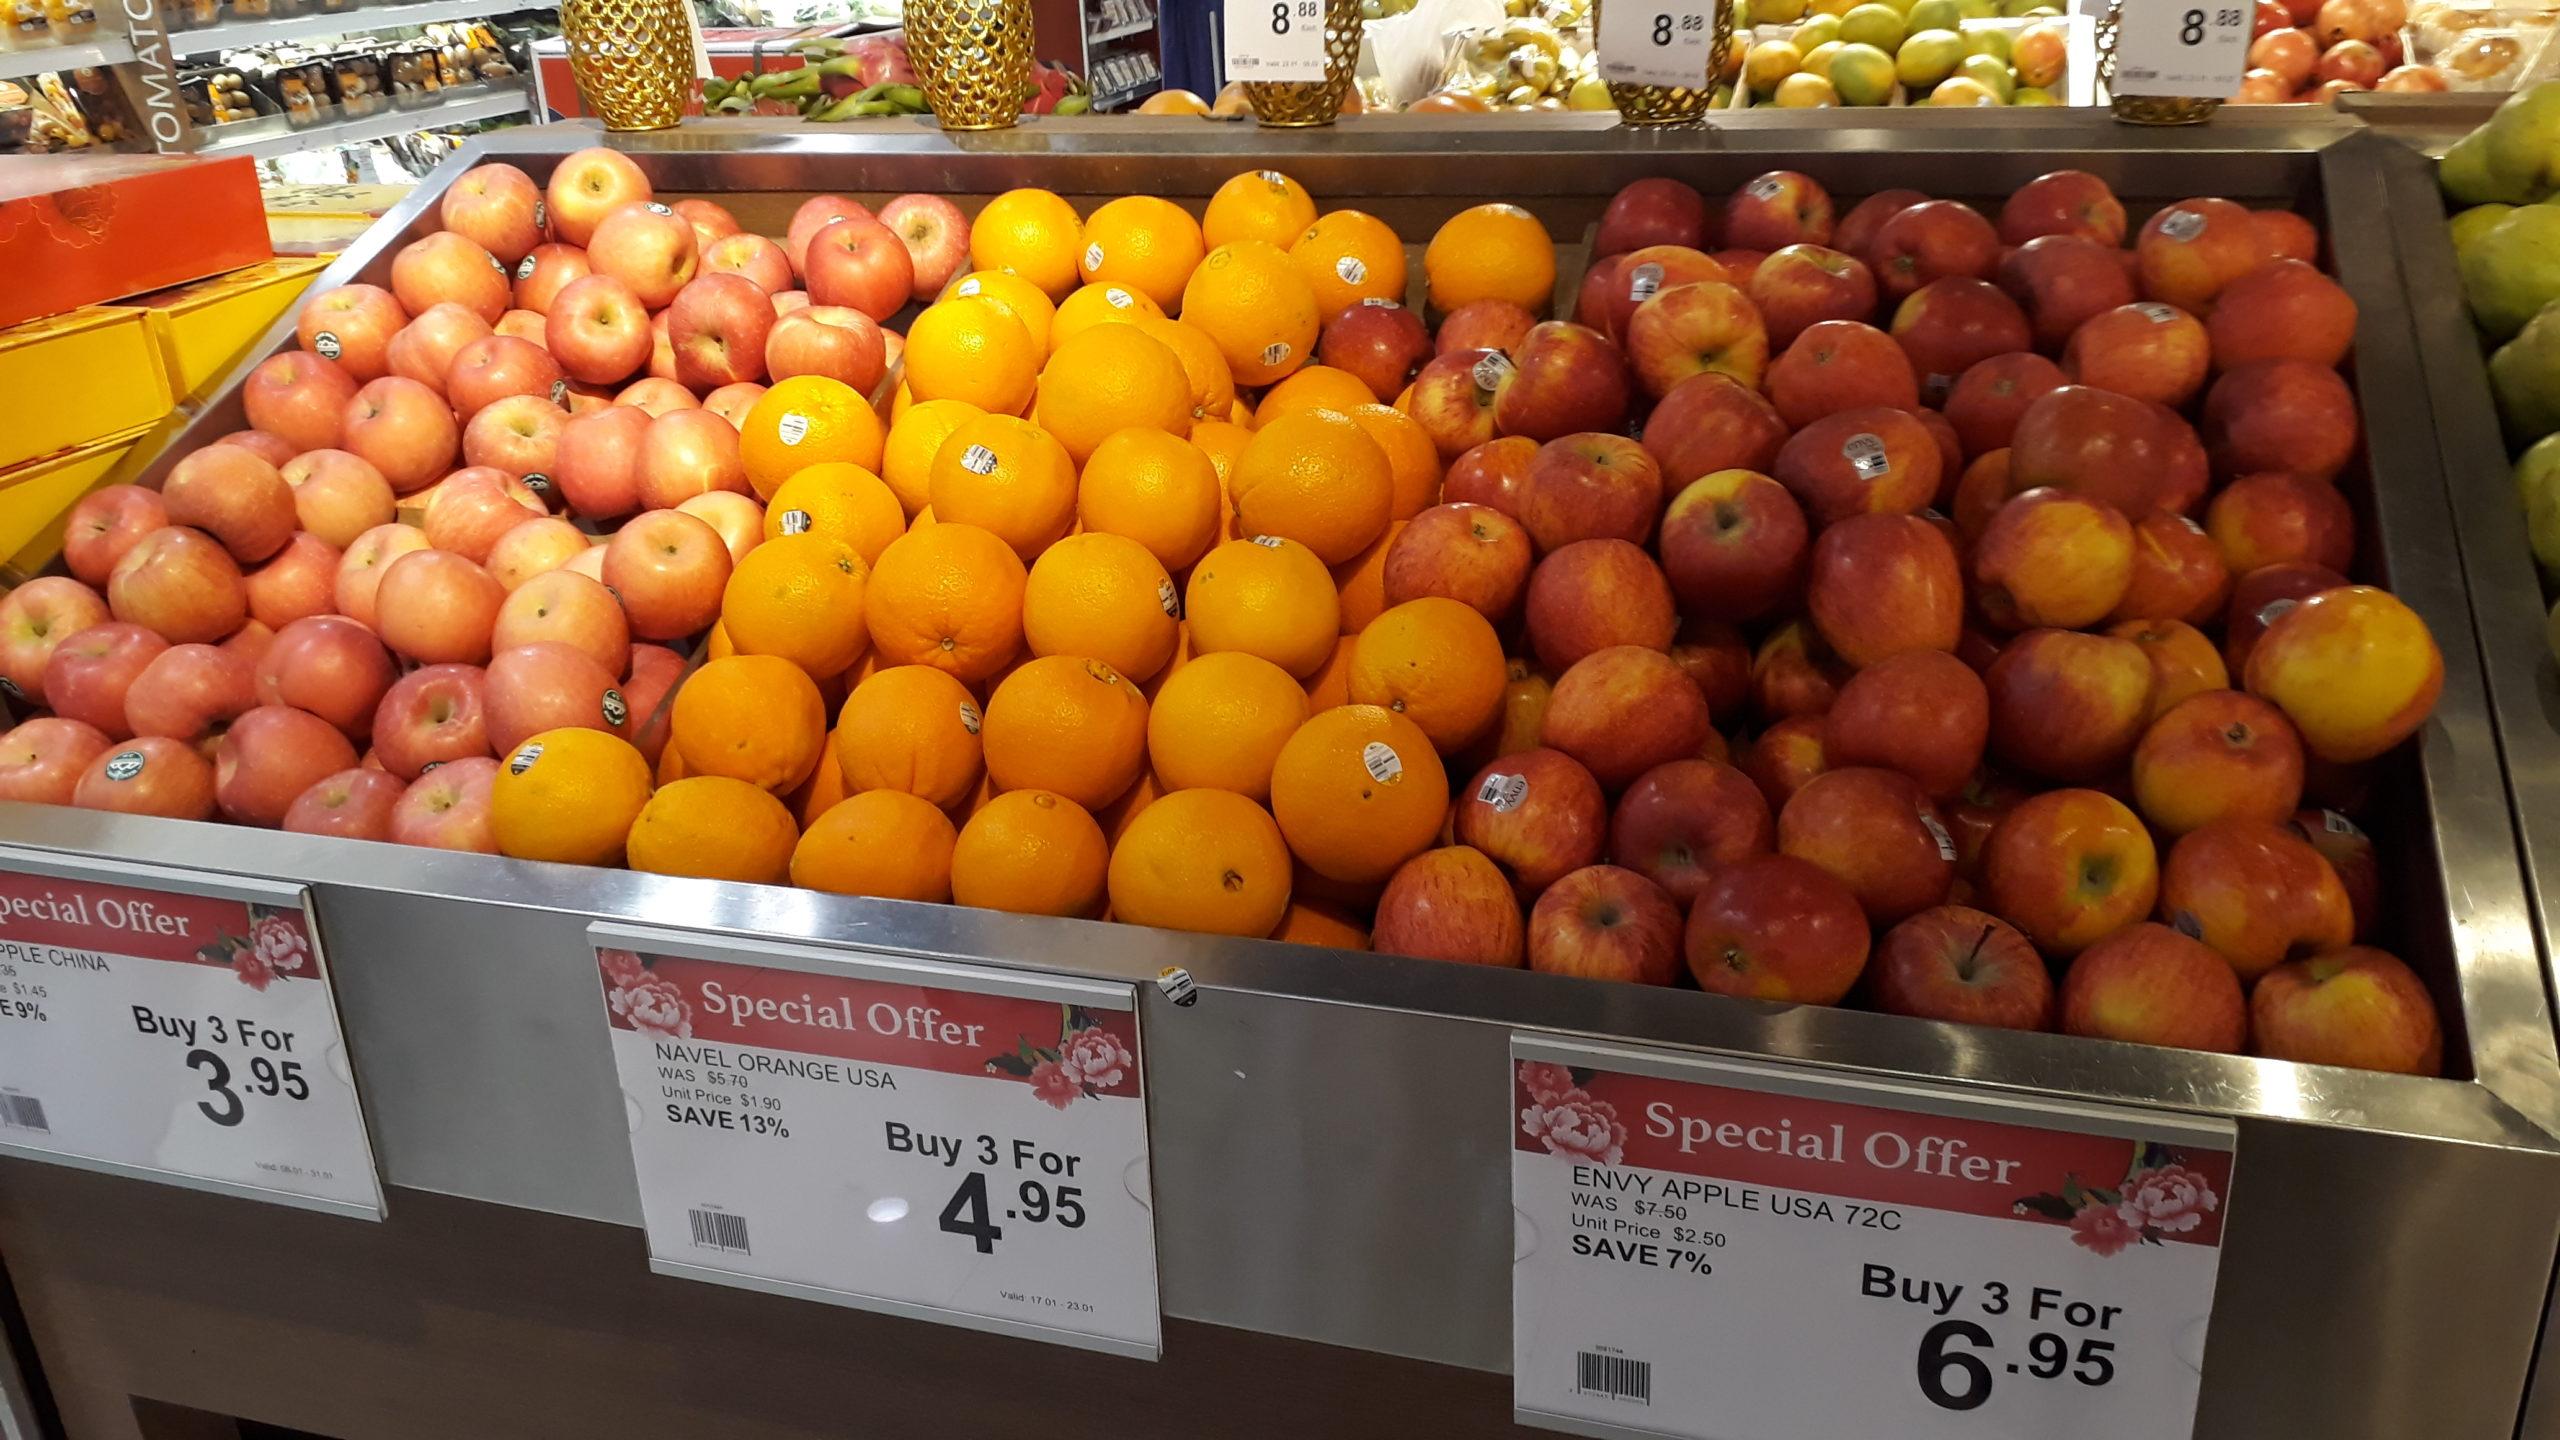 Lähikaupasta ei löytynyt ensimmäistäkään hedelmää tai vihannesta, joka olisi tuotettu paikallisesti. Kuva: Lotta Kääriäinen